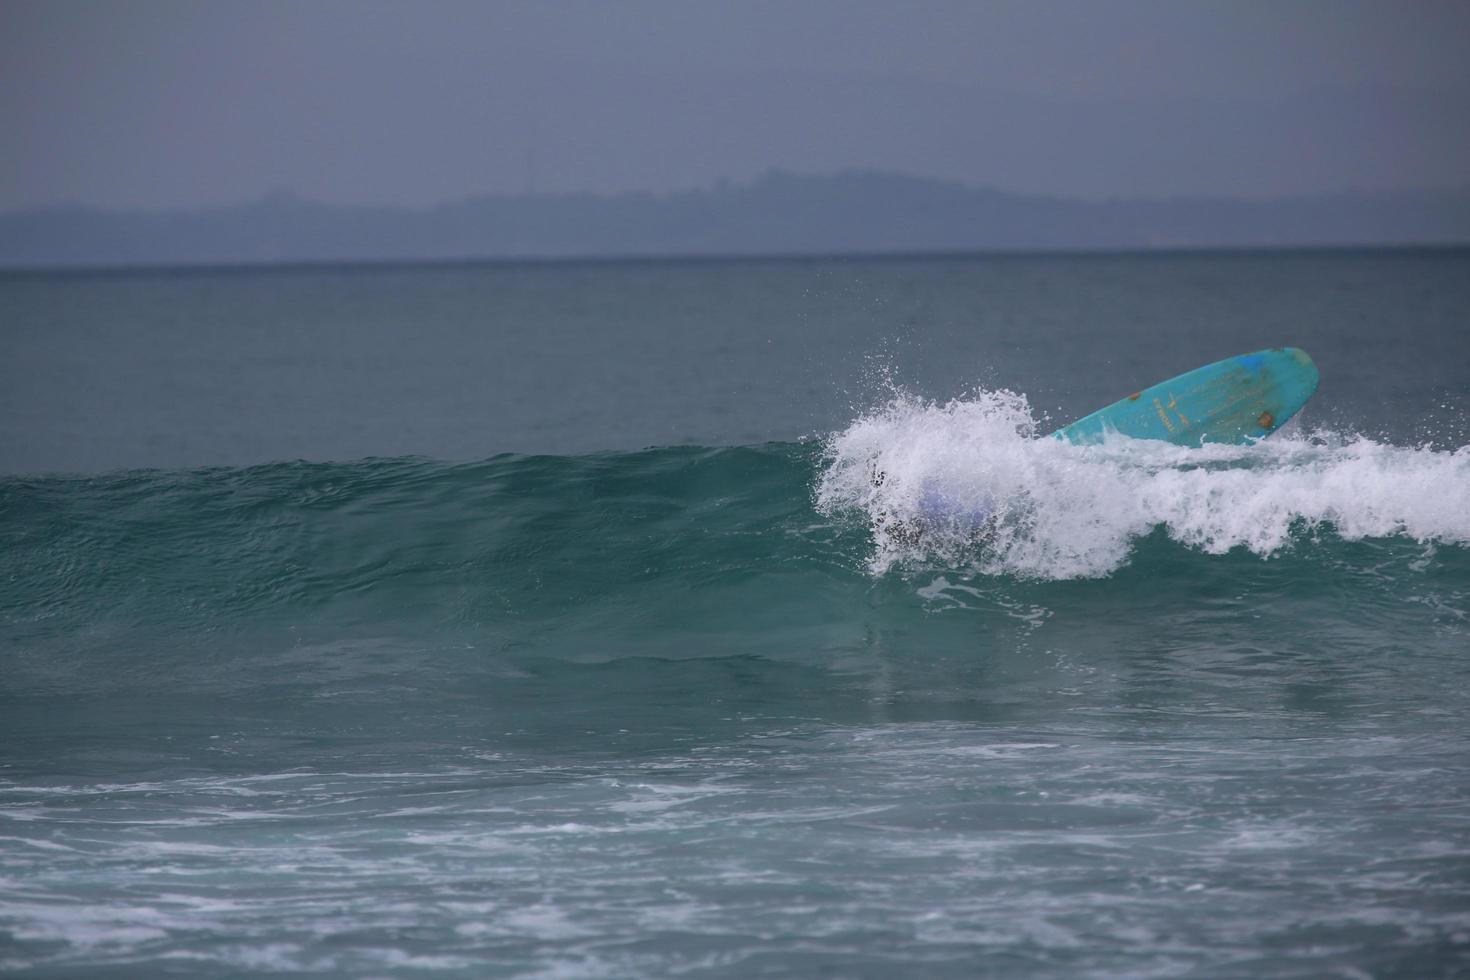 omvänd surfbräda i havet foto